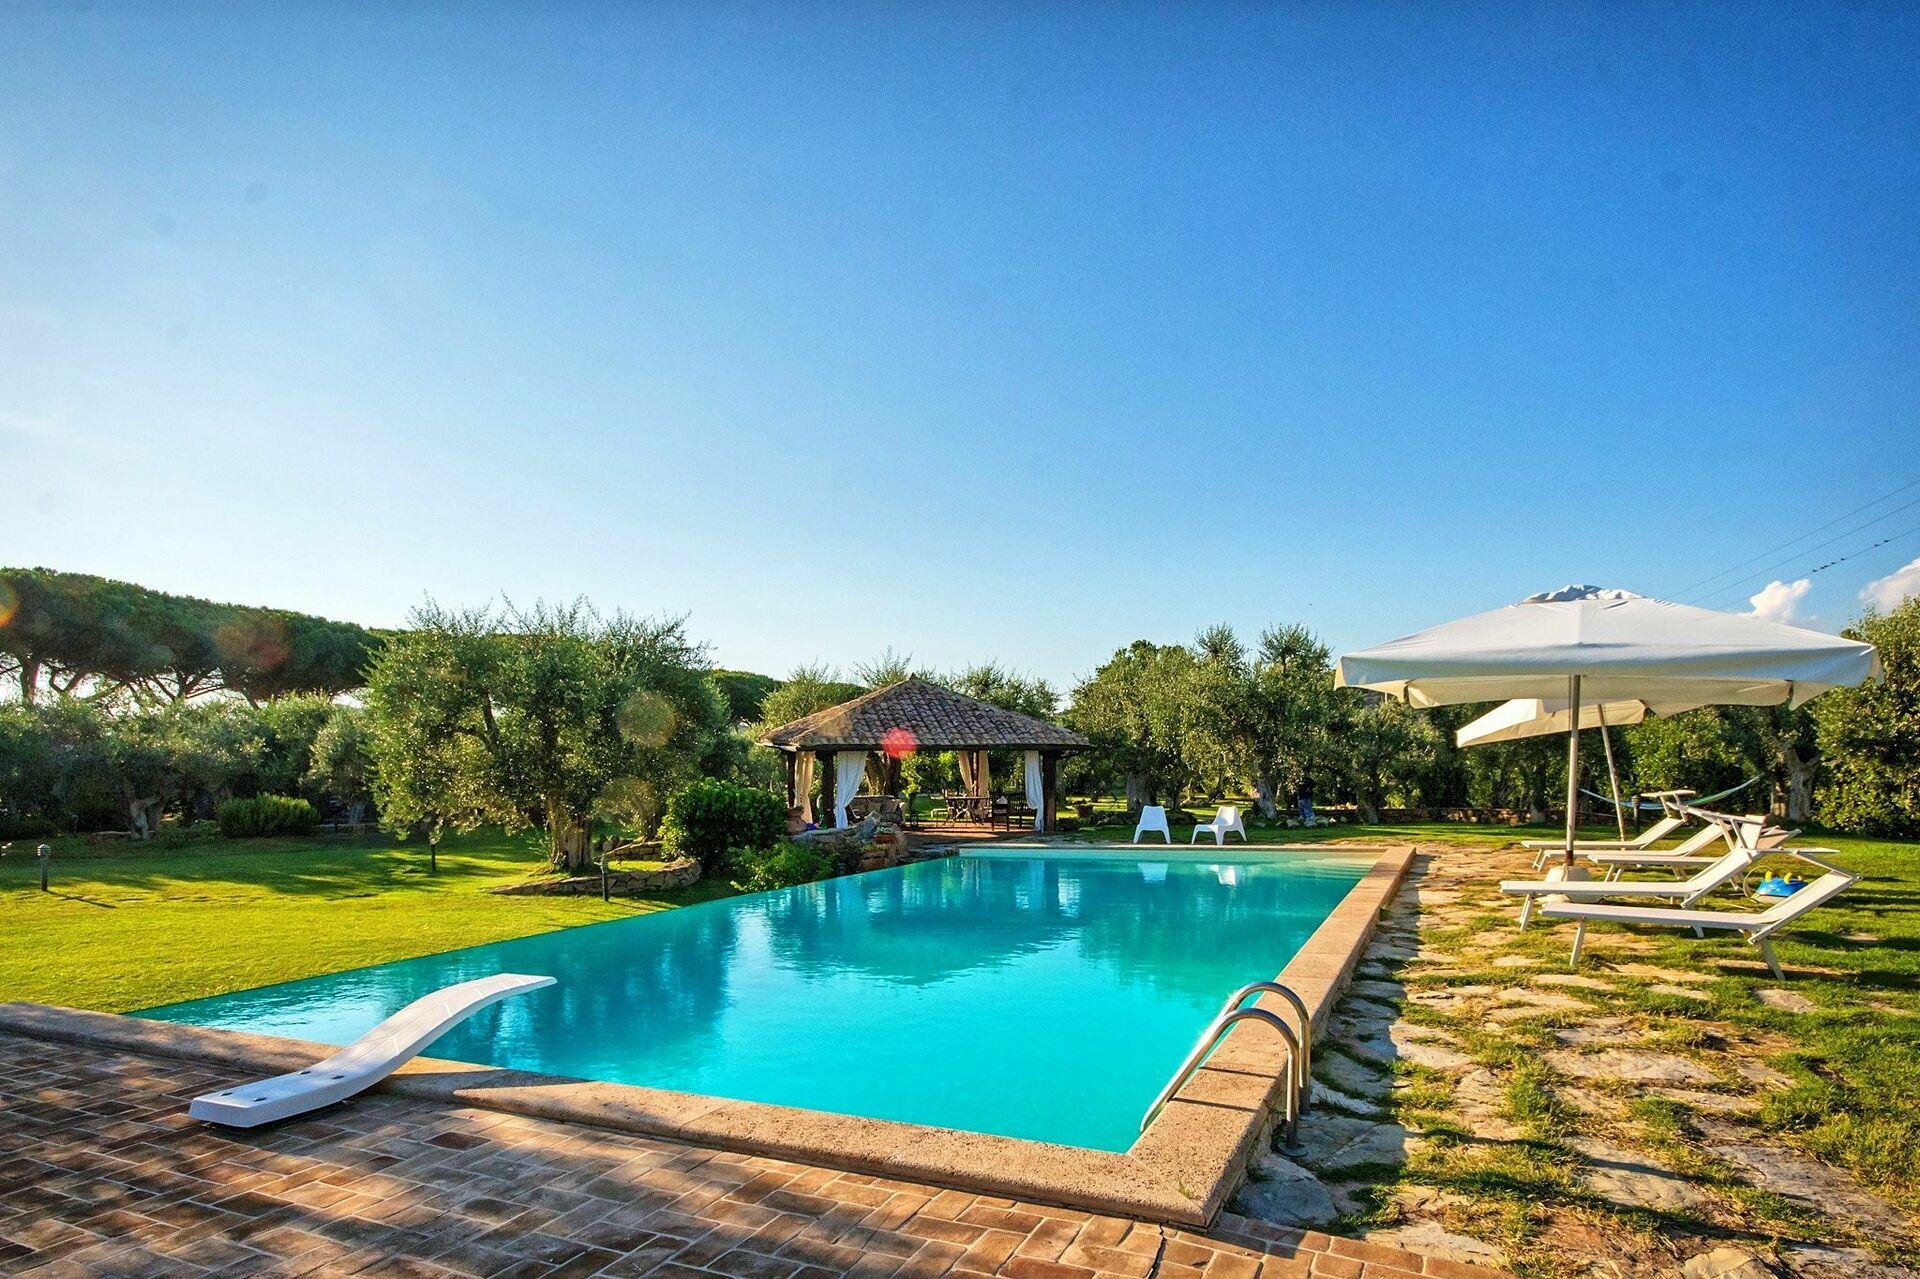 Villa Capalbio Villa Per Vacanze In Affitto A Capalbio Maremma Toscana 12 Posti In 5 Camere Da Letto Casa Vacanze A Capalbio Maremma Toscana